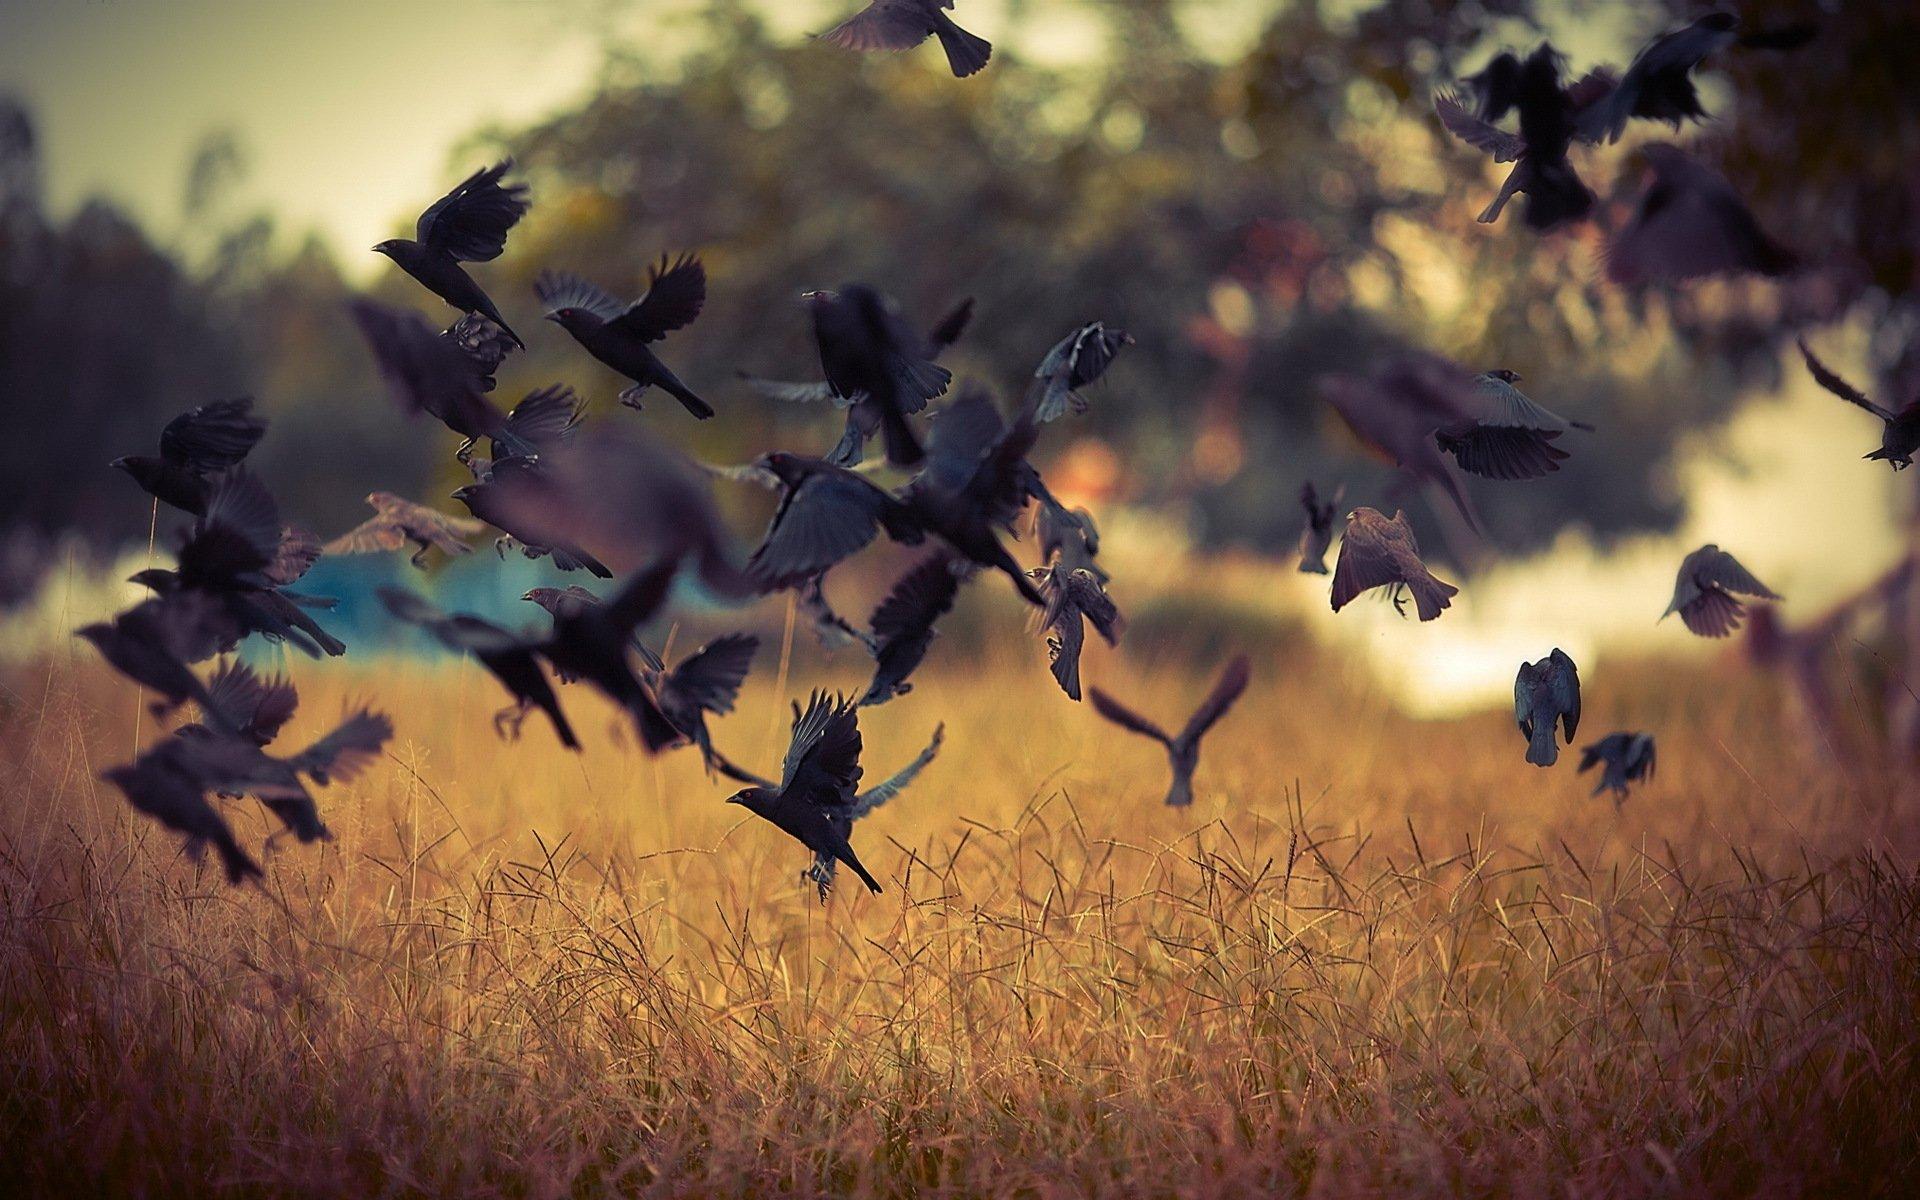 картинки с летящими птицами красивые того